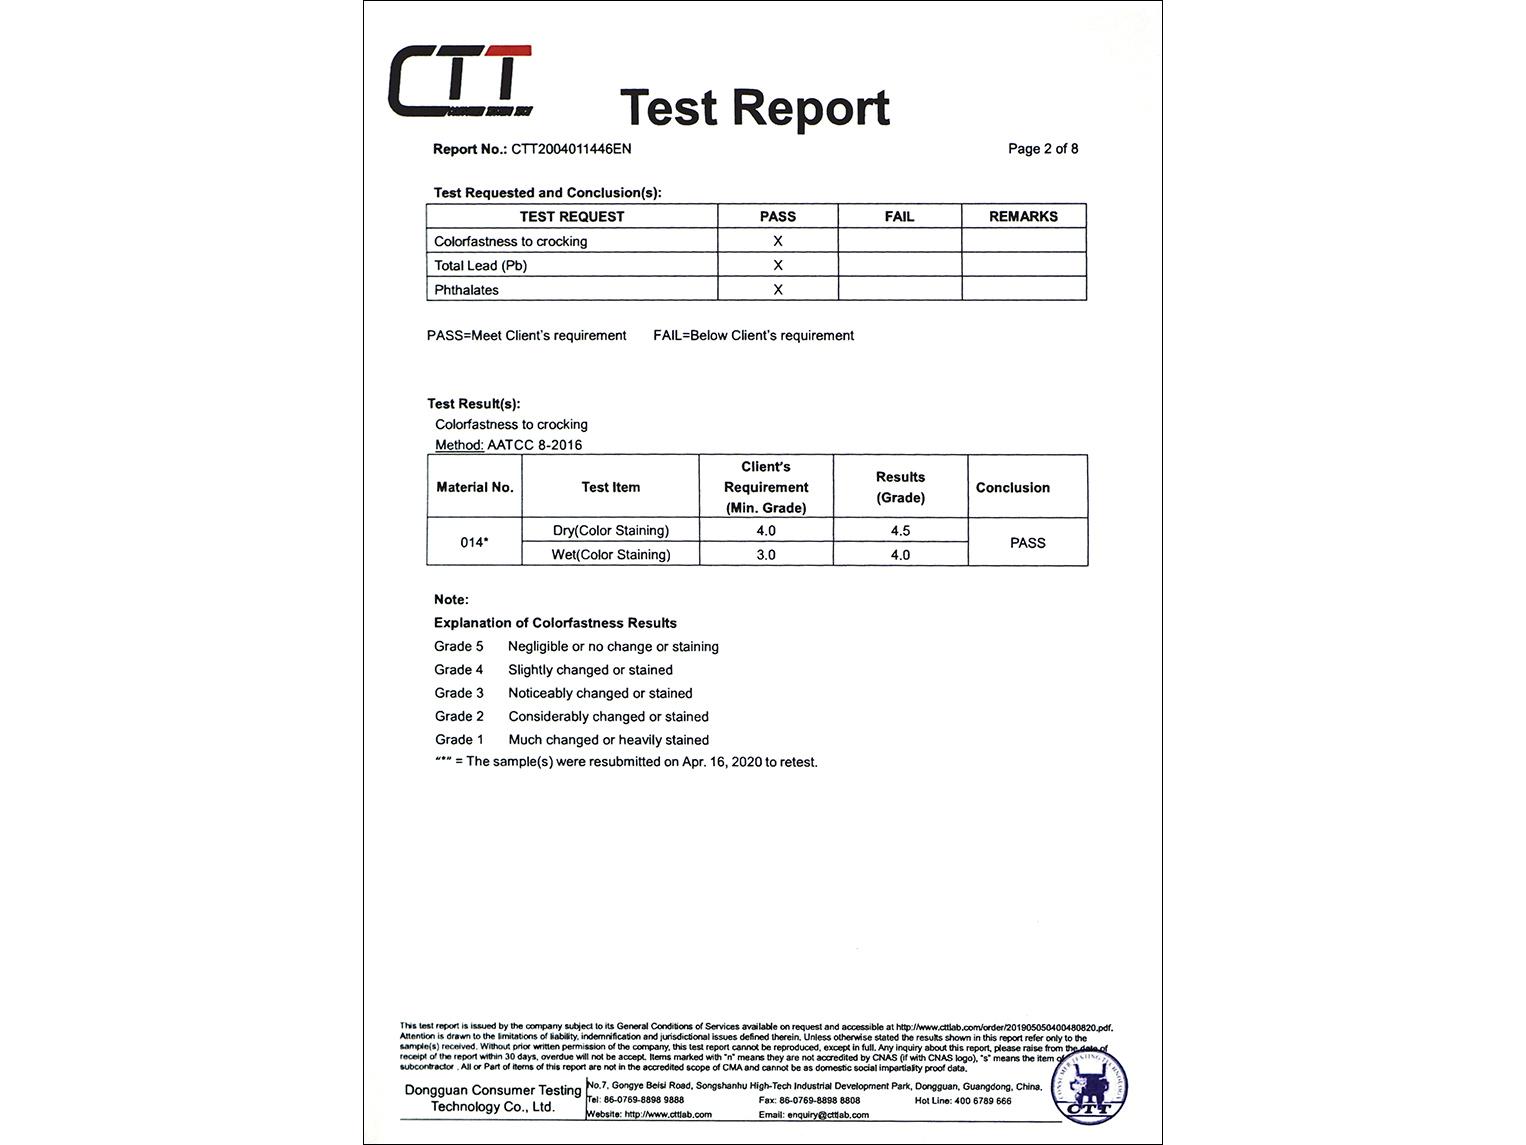 女鞋生产厂家CTT认证-东莞懿熙鞋业